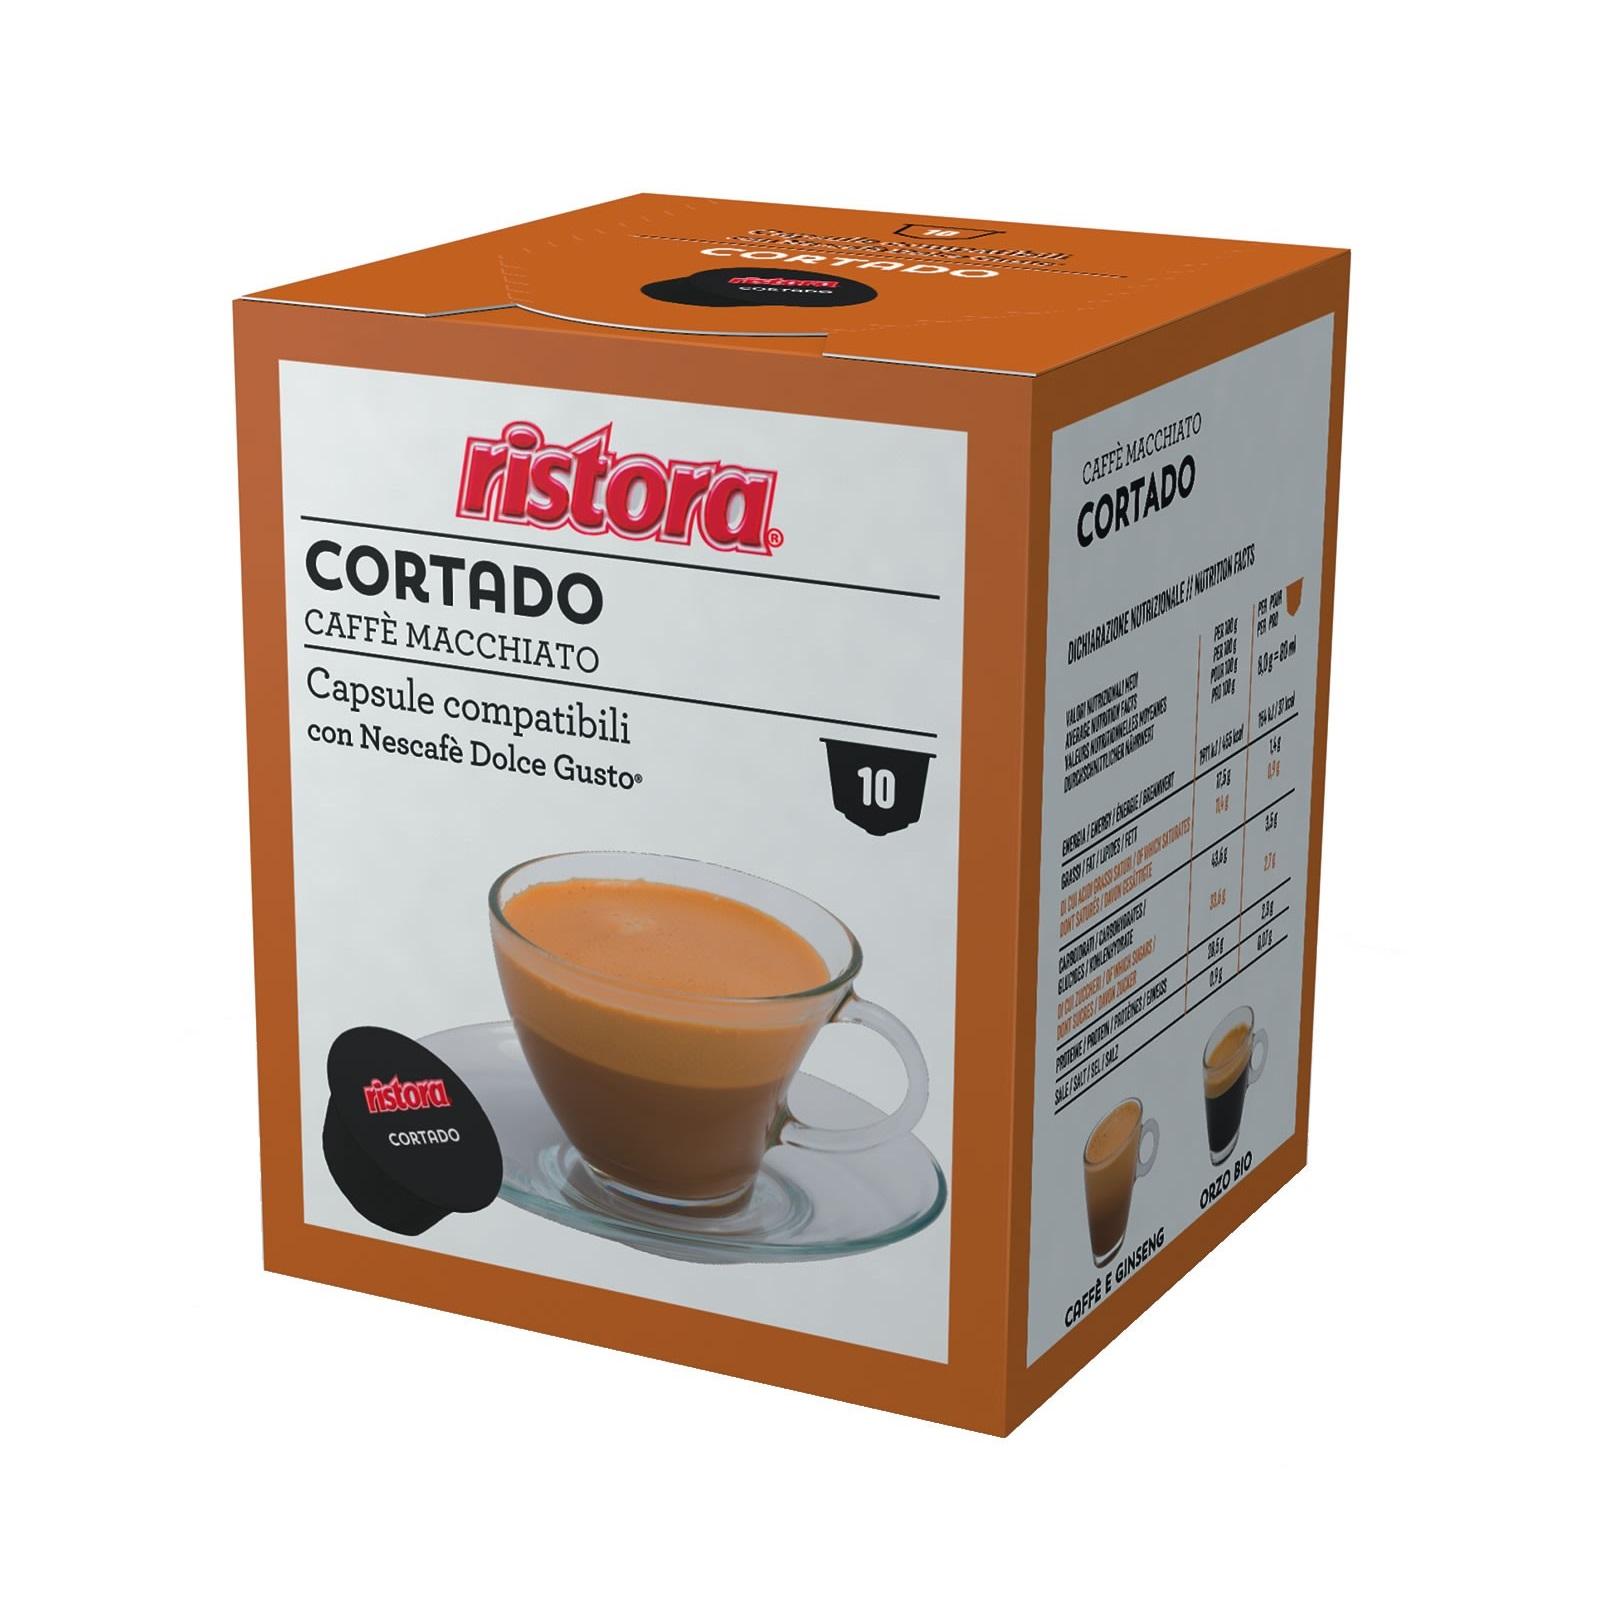 Ristora Cortado capsule compatibile Nescafe Dolce Gusto cutie 10 buc